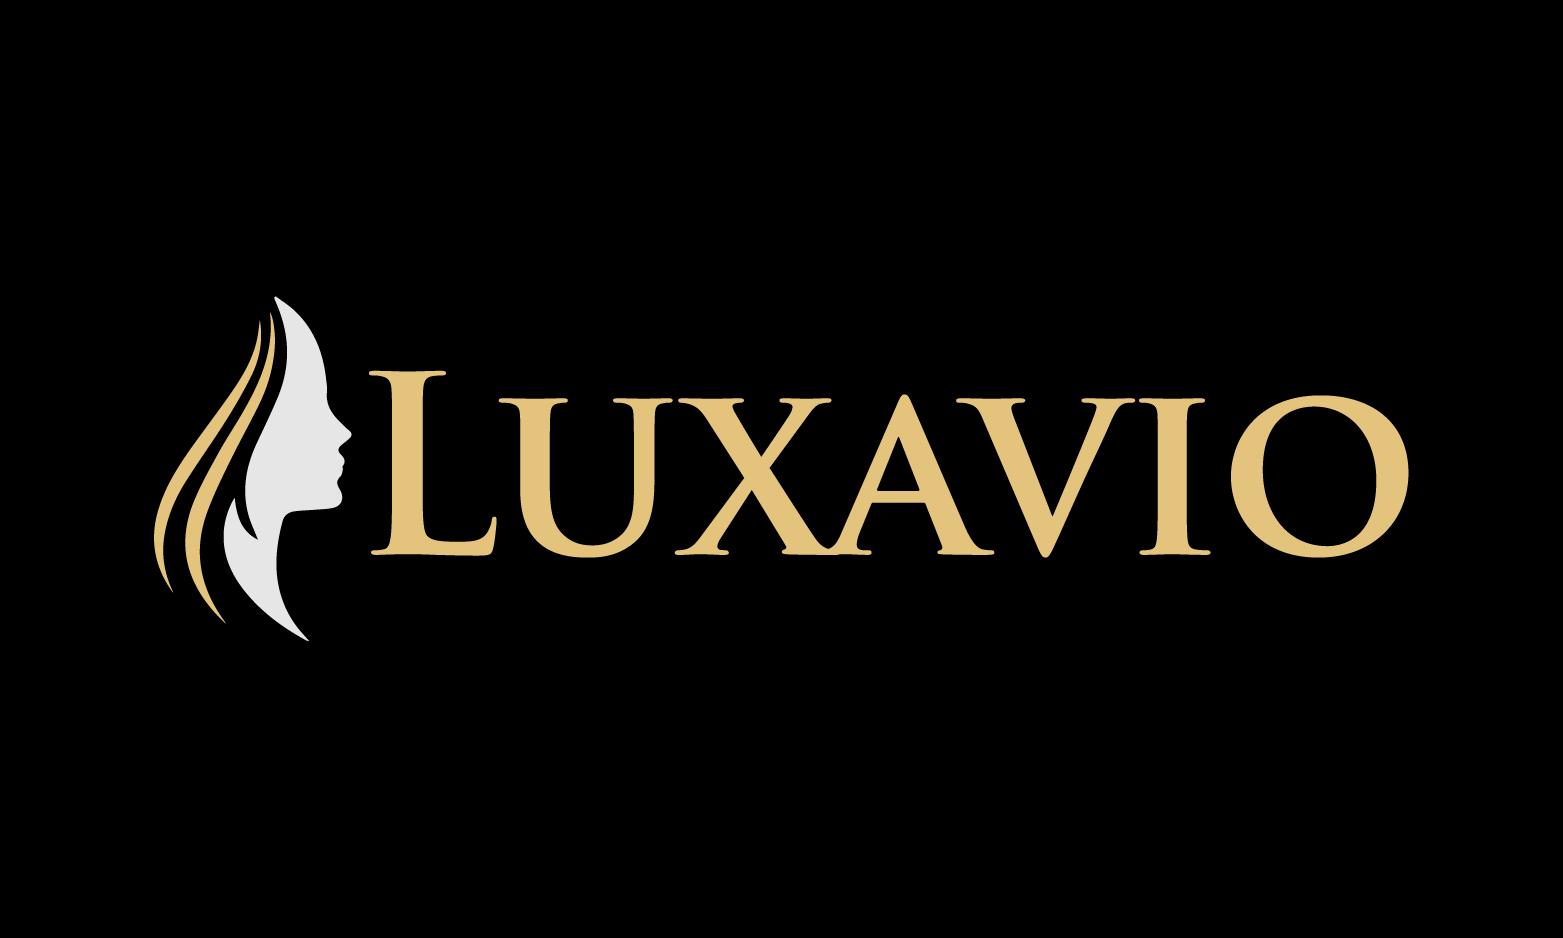 Luxavio.com